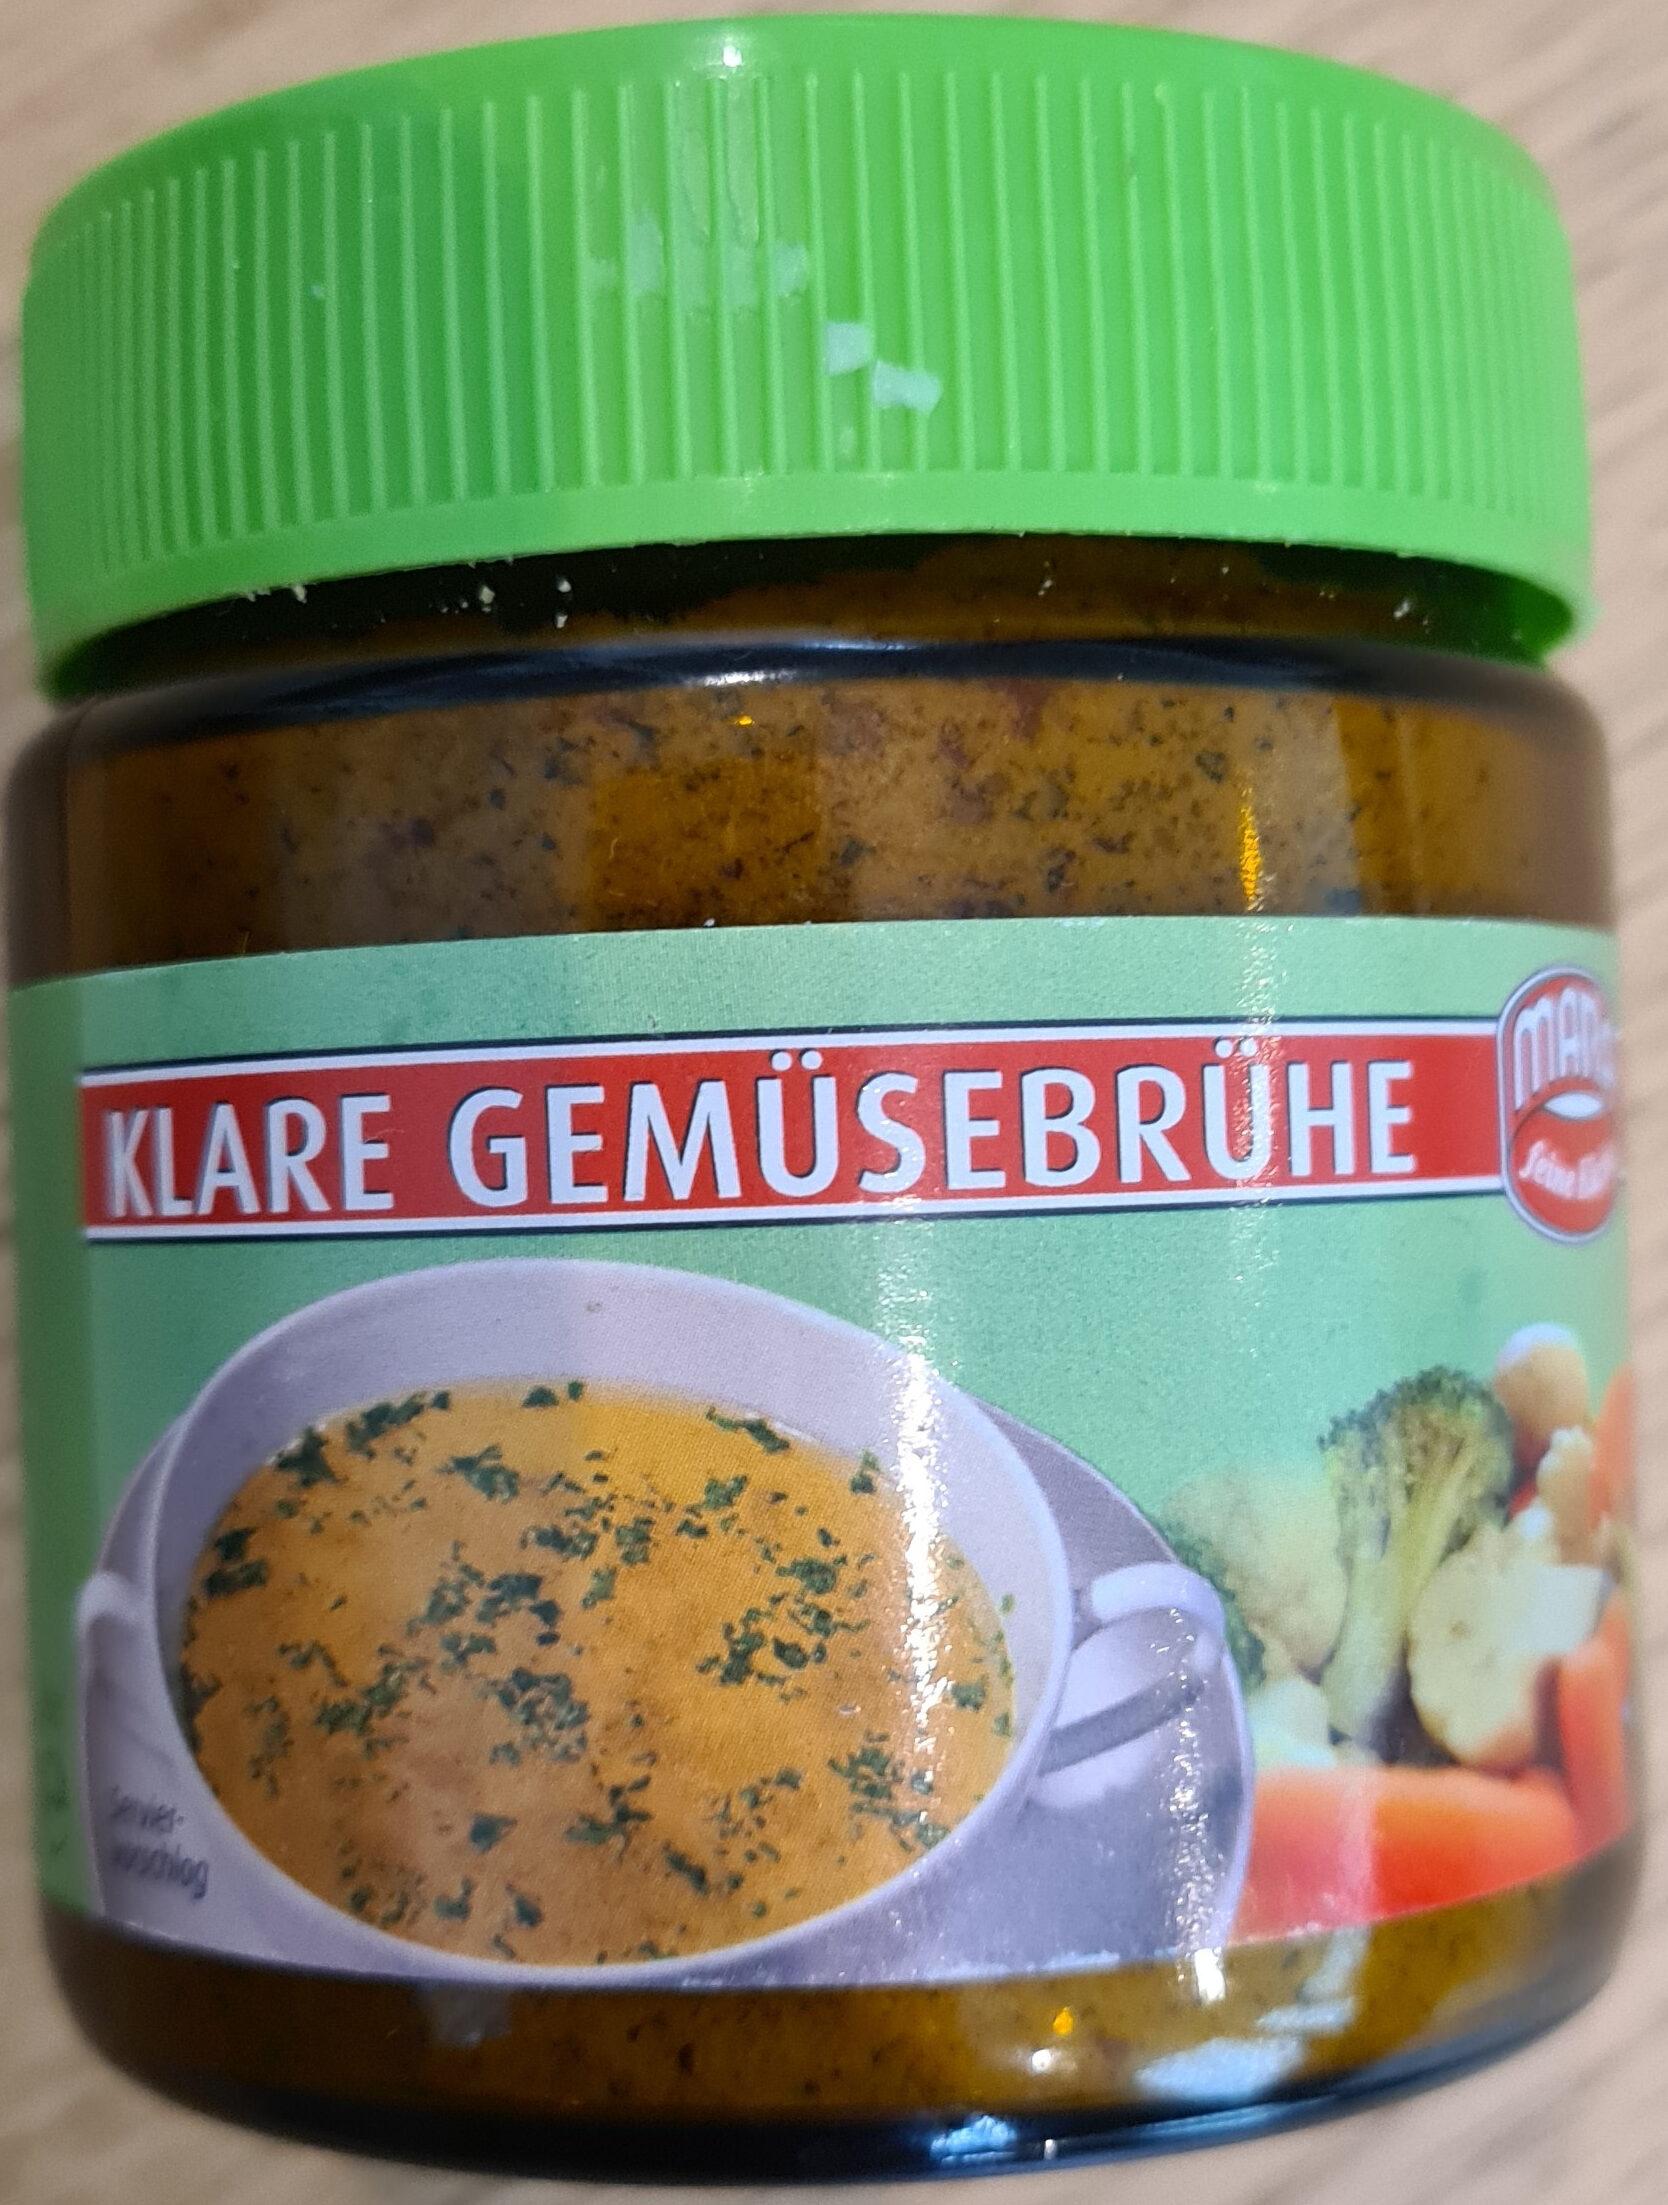 Klare Gemüsebrühe - Produit - de